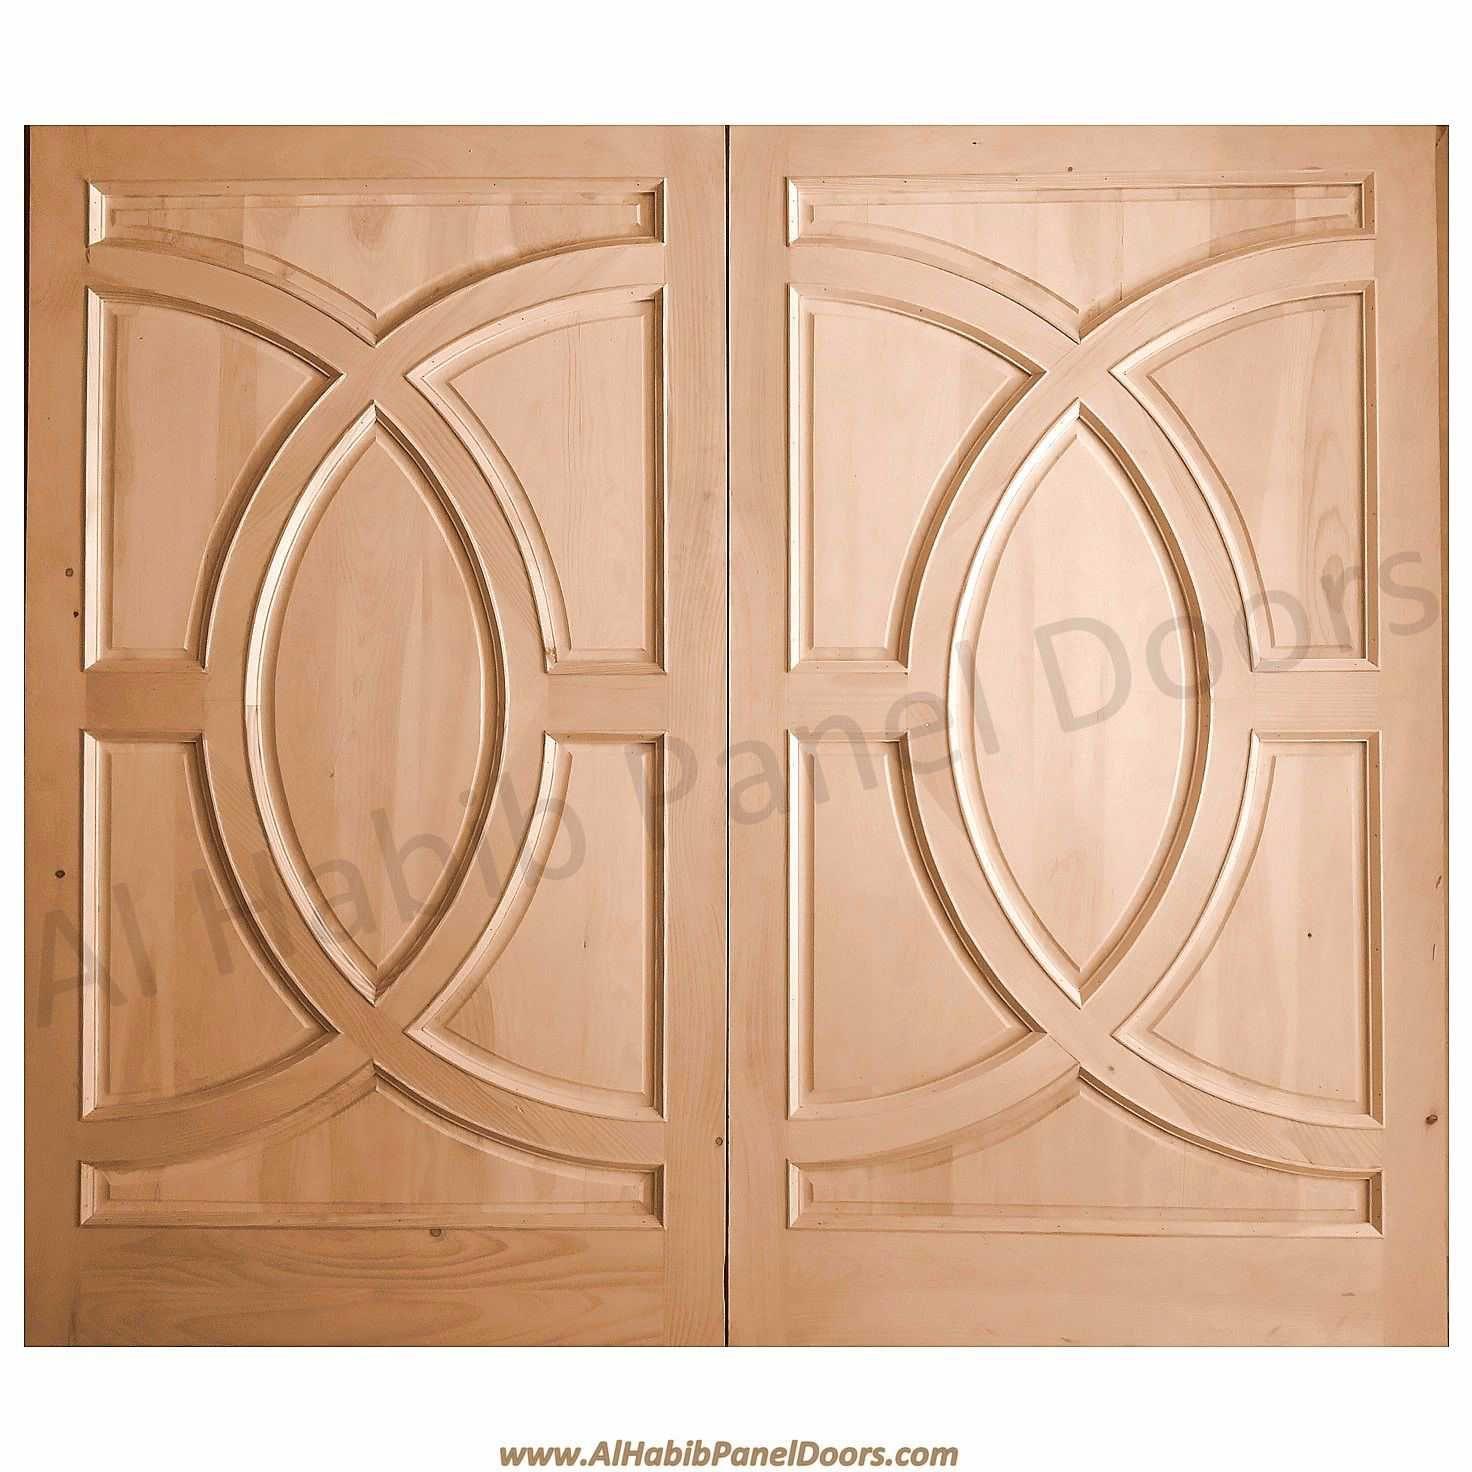 1472 #9F5D2C Kail Wood Main Double Door Football Design Hpd521 Main Doors Al  wallpaper Main Entry Doors 40051472